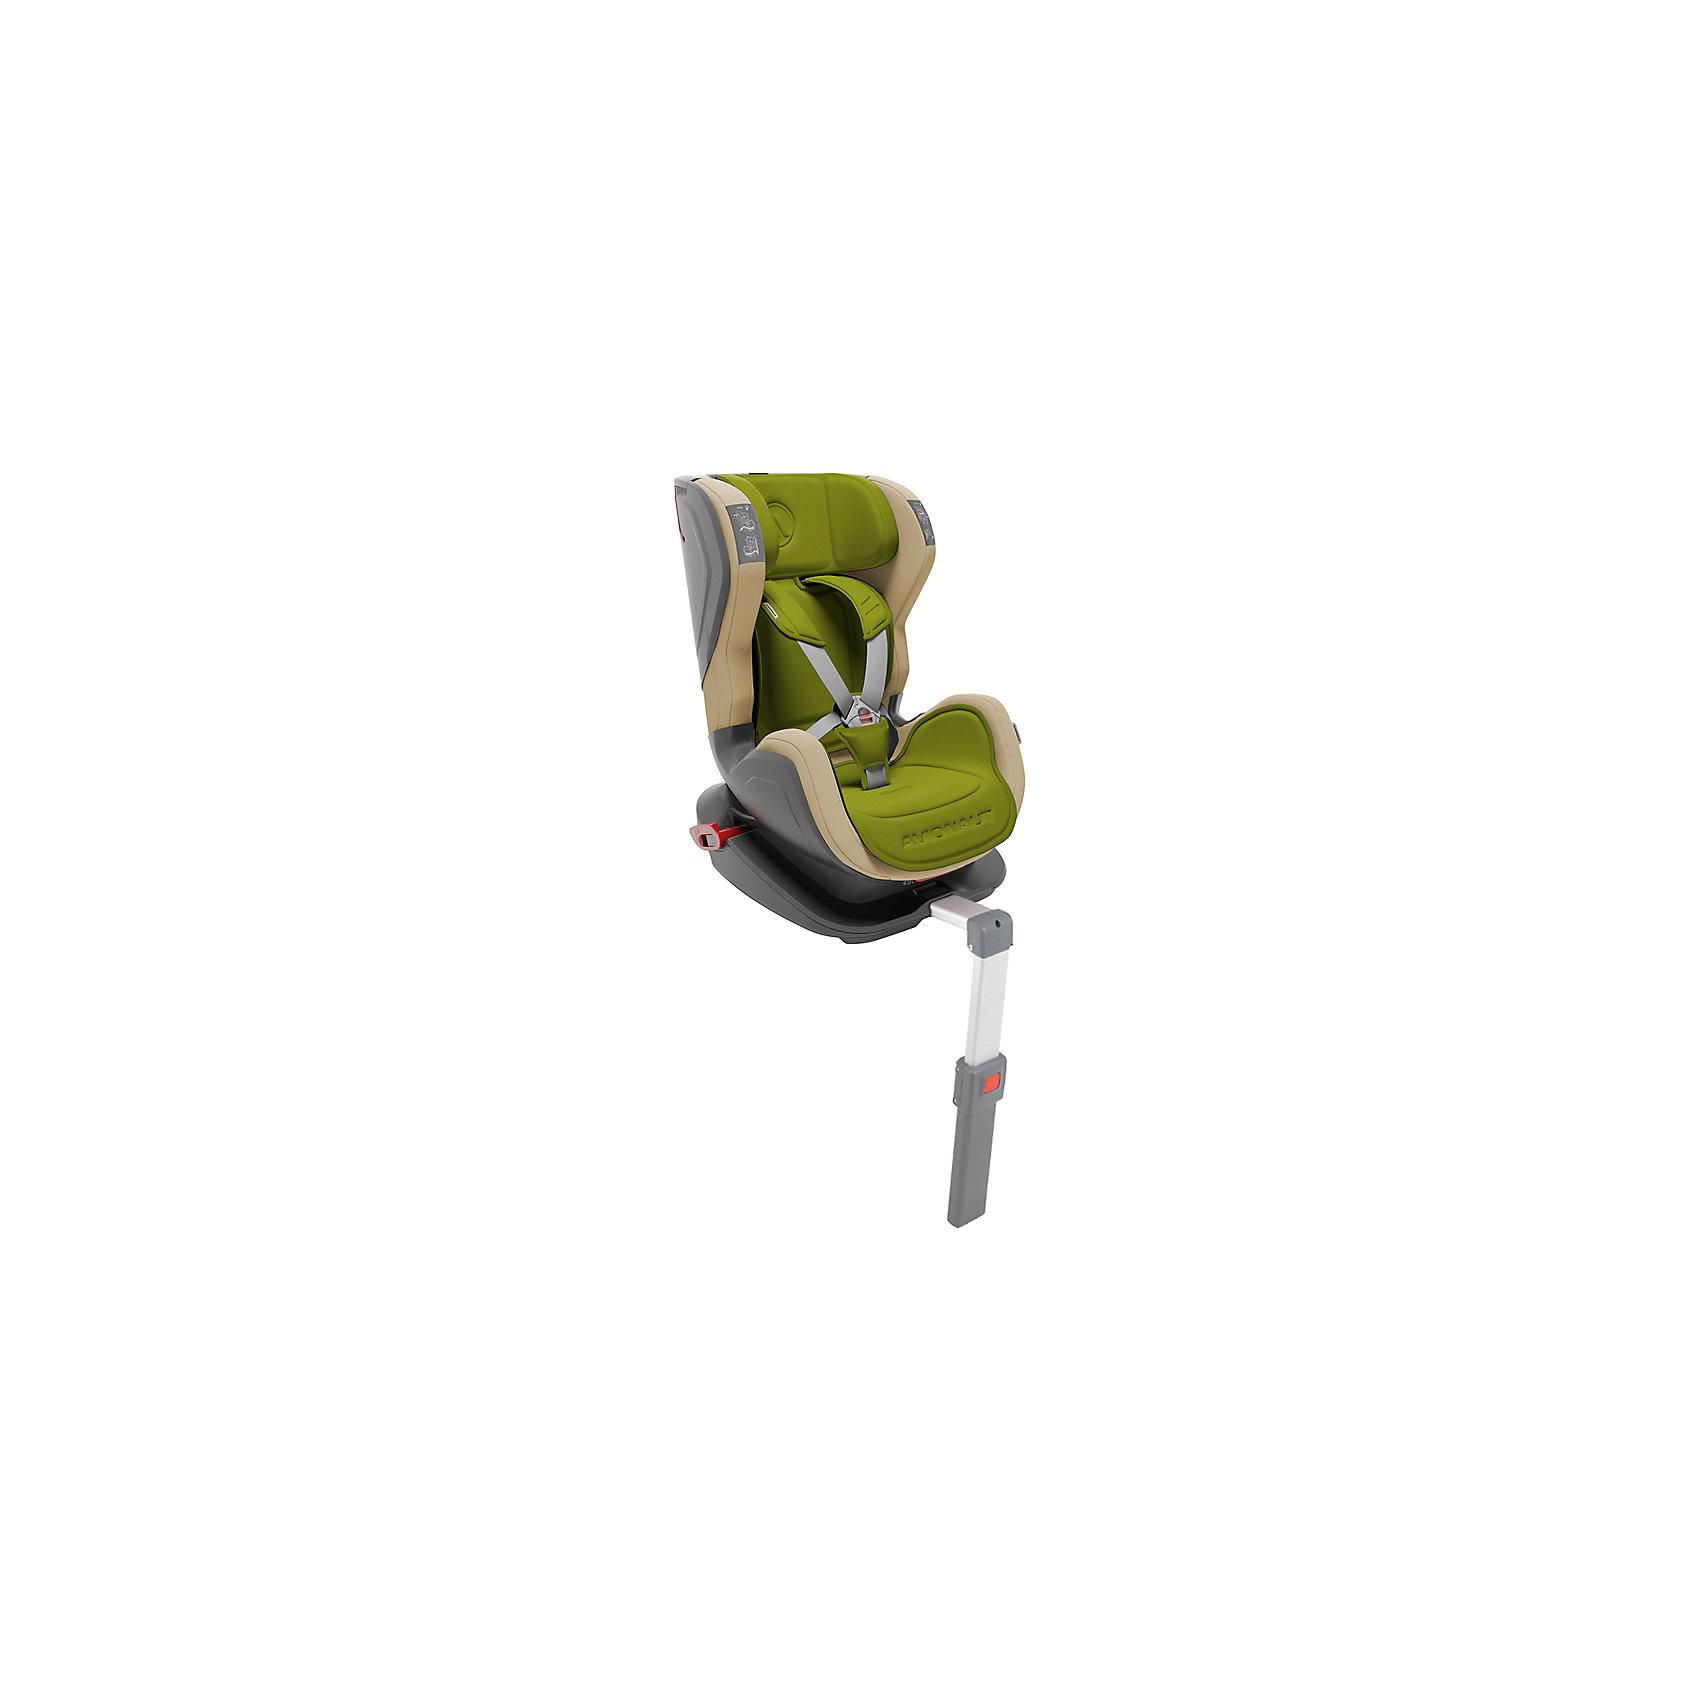 Автокресло Avionaut GLIDER isofix 9-25 кг, оливковый/бежевыйГруппа 1-2 (От 9 до 25 кг)<br>Автокресло выделяется ярким дизайном, а так же высоким уровнем комфорта и безопасности, что самое важное для малыша! Удобный регулируемый подголовник выполнен из пенопропилена -  это экологически безопасный материал, оказывающий амортизирующее и энергогасящее действие. Наклон легко регулируется с помощью специального красного рычага. Боковые крылья и высокие подлокотники обеспечивают надежную защиту тела и головы малыша от ударов сбоку. Чехол детского автокресла с легкостью можно снять для стирки, так же, при желании цветную вставку можно снять и заменить на другую.<br><br>Характеристики:<br>- Группа: 1-2 ( от 9 до 25кг).<br>- 5-ти точечная система ремней безопасности.<br>- Усиленные боковины для большей безопасности.<br>- Регулируемый угол наклона сиденья.<br>- Аварийные натяжители ремней безопасности для лучшей стабилизации сиденья в автомобиле.<br>- Съемные чехлы на сиденье.<br>- Регулируемая высота подголовника.<br>- Легко крепится в салоне автомобиля.<br>- Съемные вкладыши - позволяют изменить цвет автокресла.<br>- Вид крепления: система IZOFIX.<br>- Способ установки: на заднем сиденье лицом по ходу движения.<br>- Вид крепления: штатным ремнем автомобиля или Isofix.<br><br>Дополнительная информация:<br><br>- Возраст: от 9 месяцев до 7 лет.<br>- Материал: пластик, текстиль.<br>- Цвет: оливковый/бежевый.<br>- Размер упаковки: 44x66x53 см.<br>- Вес в упаковке: 12.5 кг.<br><br>Купить автокресло GLIDER Avionaut ISOFIX в цвете оливковый/бежевый, можно в нашем магазине.<br><br>Ширина мм: 440<br>Глубина мм: 660<br>Высота мм: 530<br>Вес г: 12500<br>Возраст от месяцев: 12<br>Возраст до месяцев: 84<br>Пол: Унисекс<br>Возраст: Детский<br>SKU: 4828297